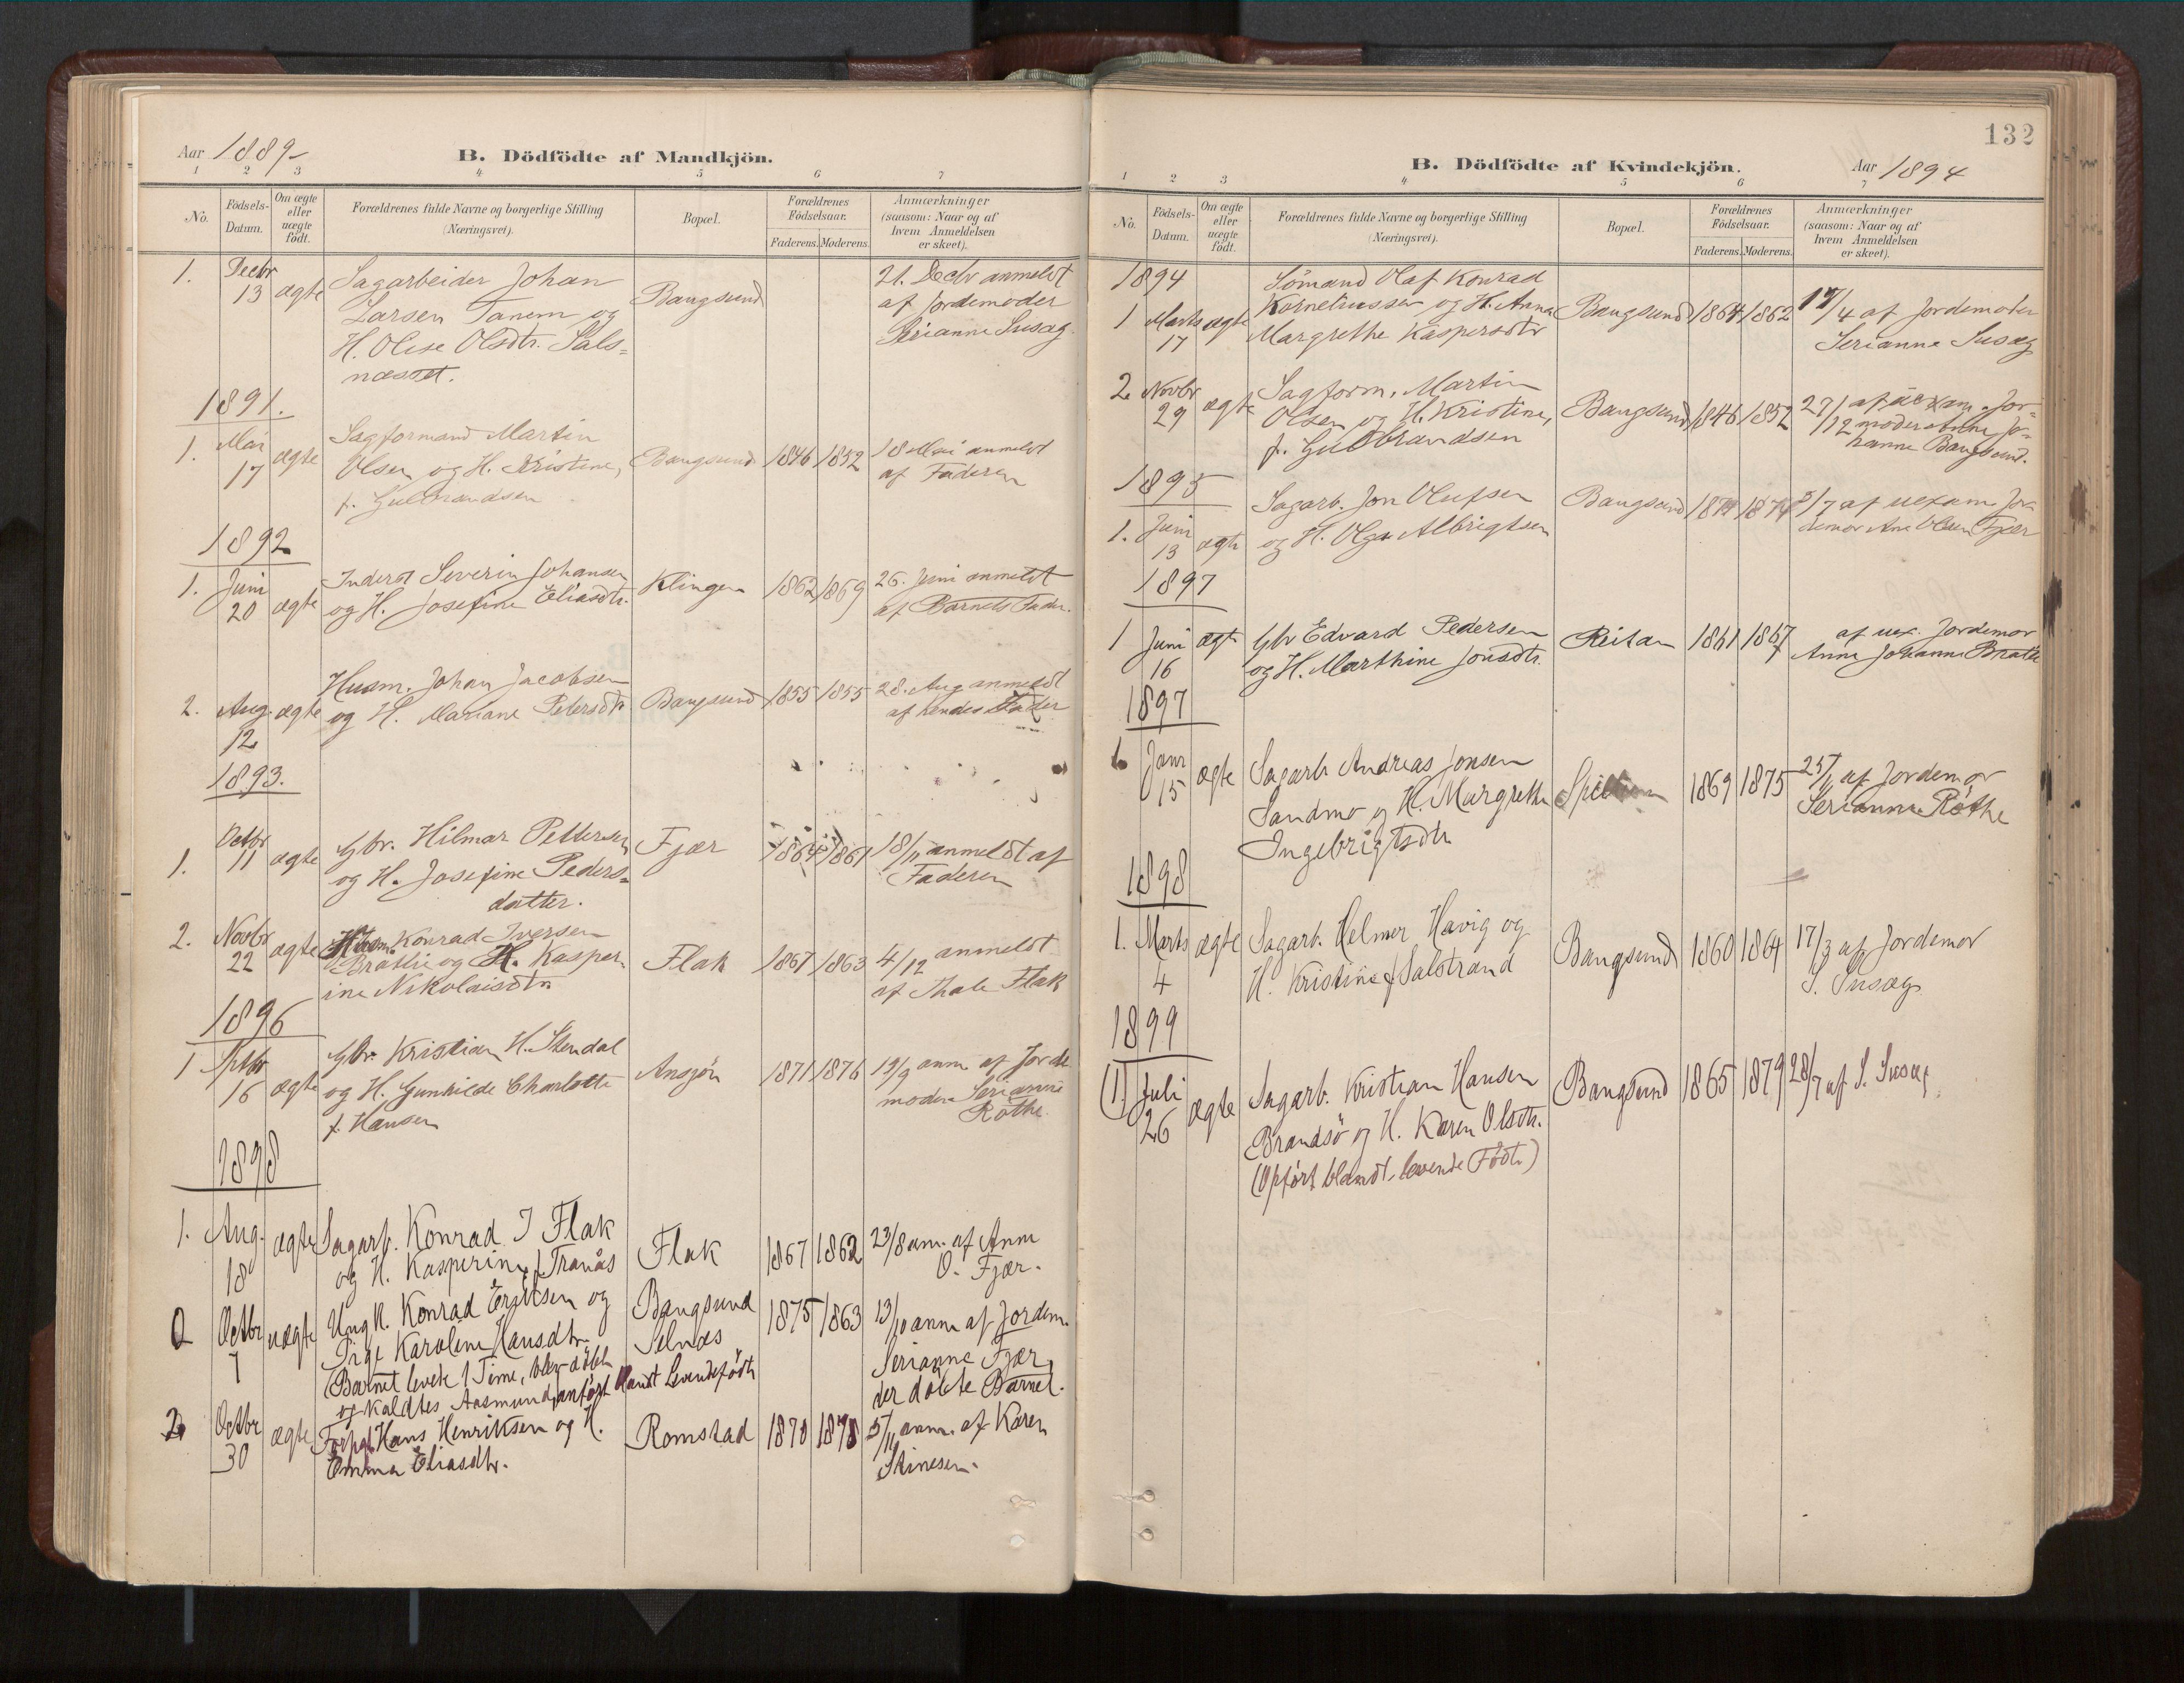 SAT, Ministerialprotokoller, klokkerbøker og fødselsregistre - Nord-Trøndelag, 770/L0589: Ministerialbok nr. 770A03, 1887-1929, s. 132